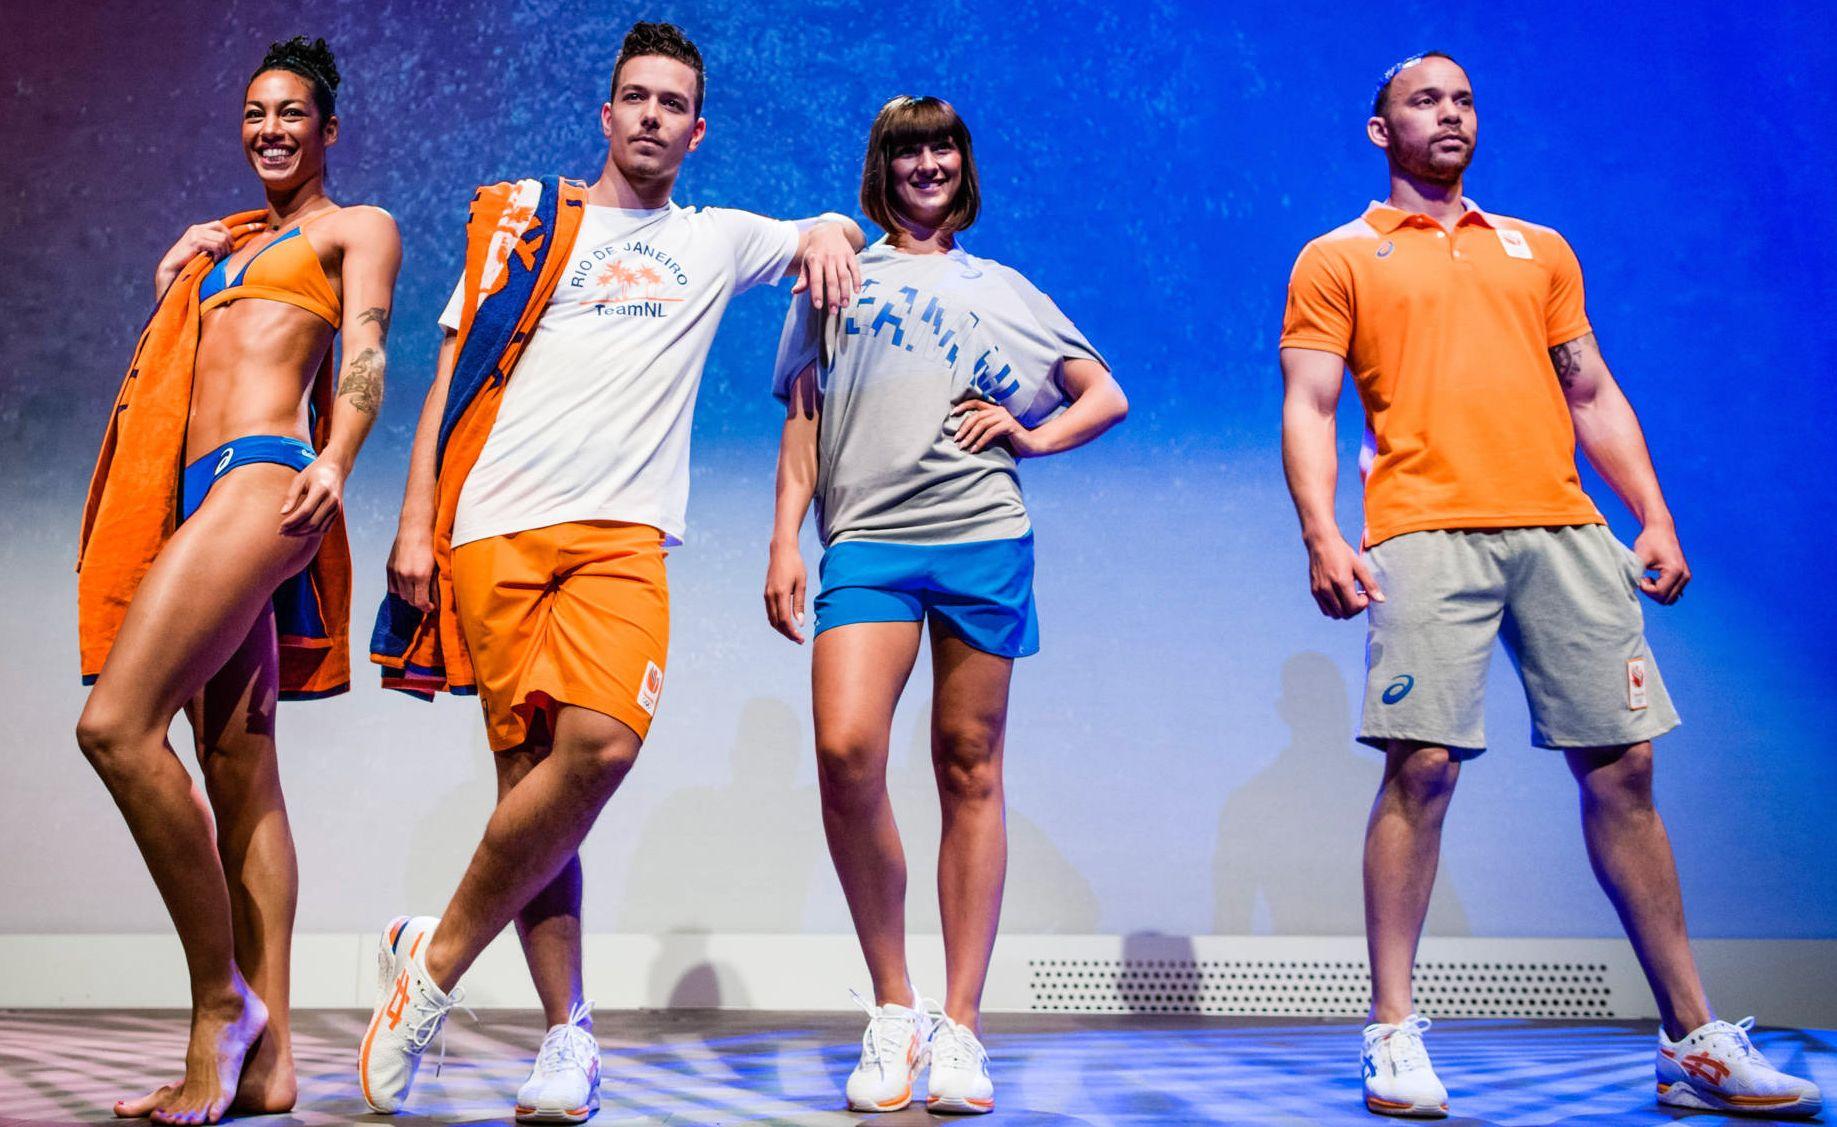 asics nederlands team kleding kopen